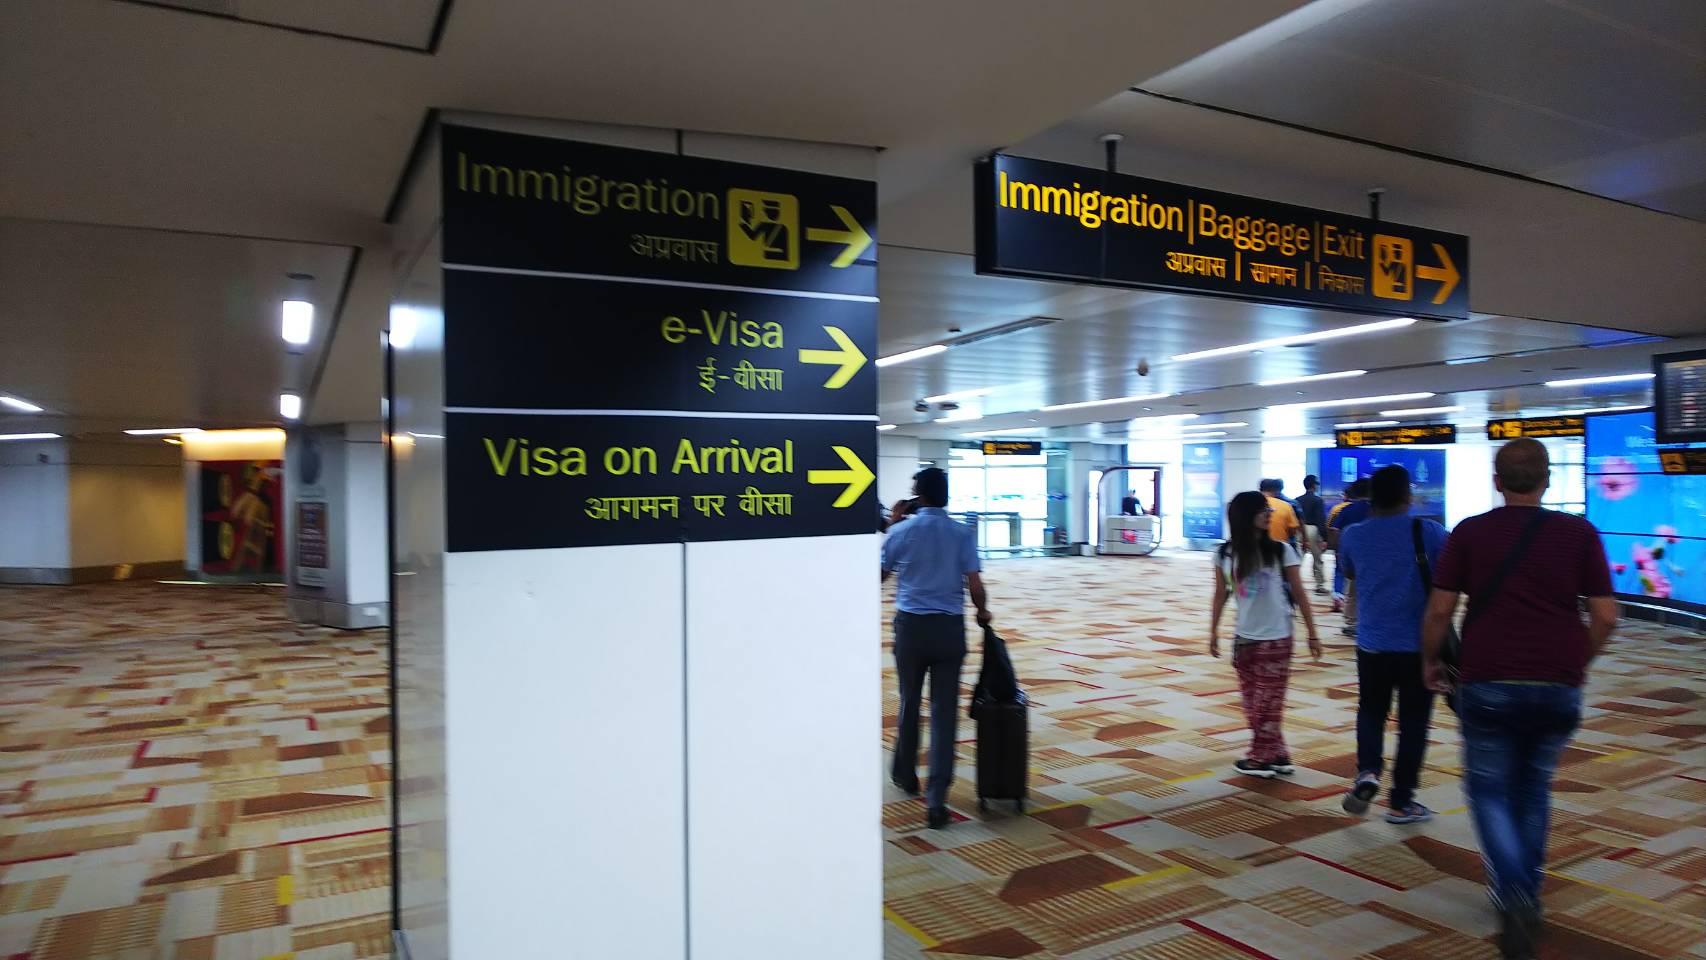 インドのデリー空港でアライバルビザの取得方法の徹底解説!